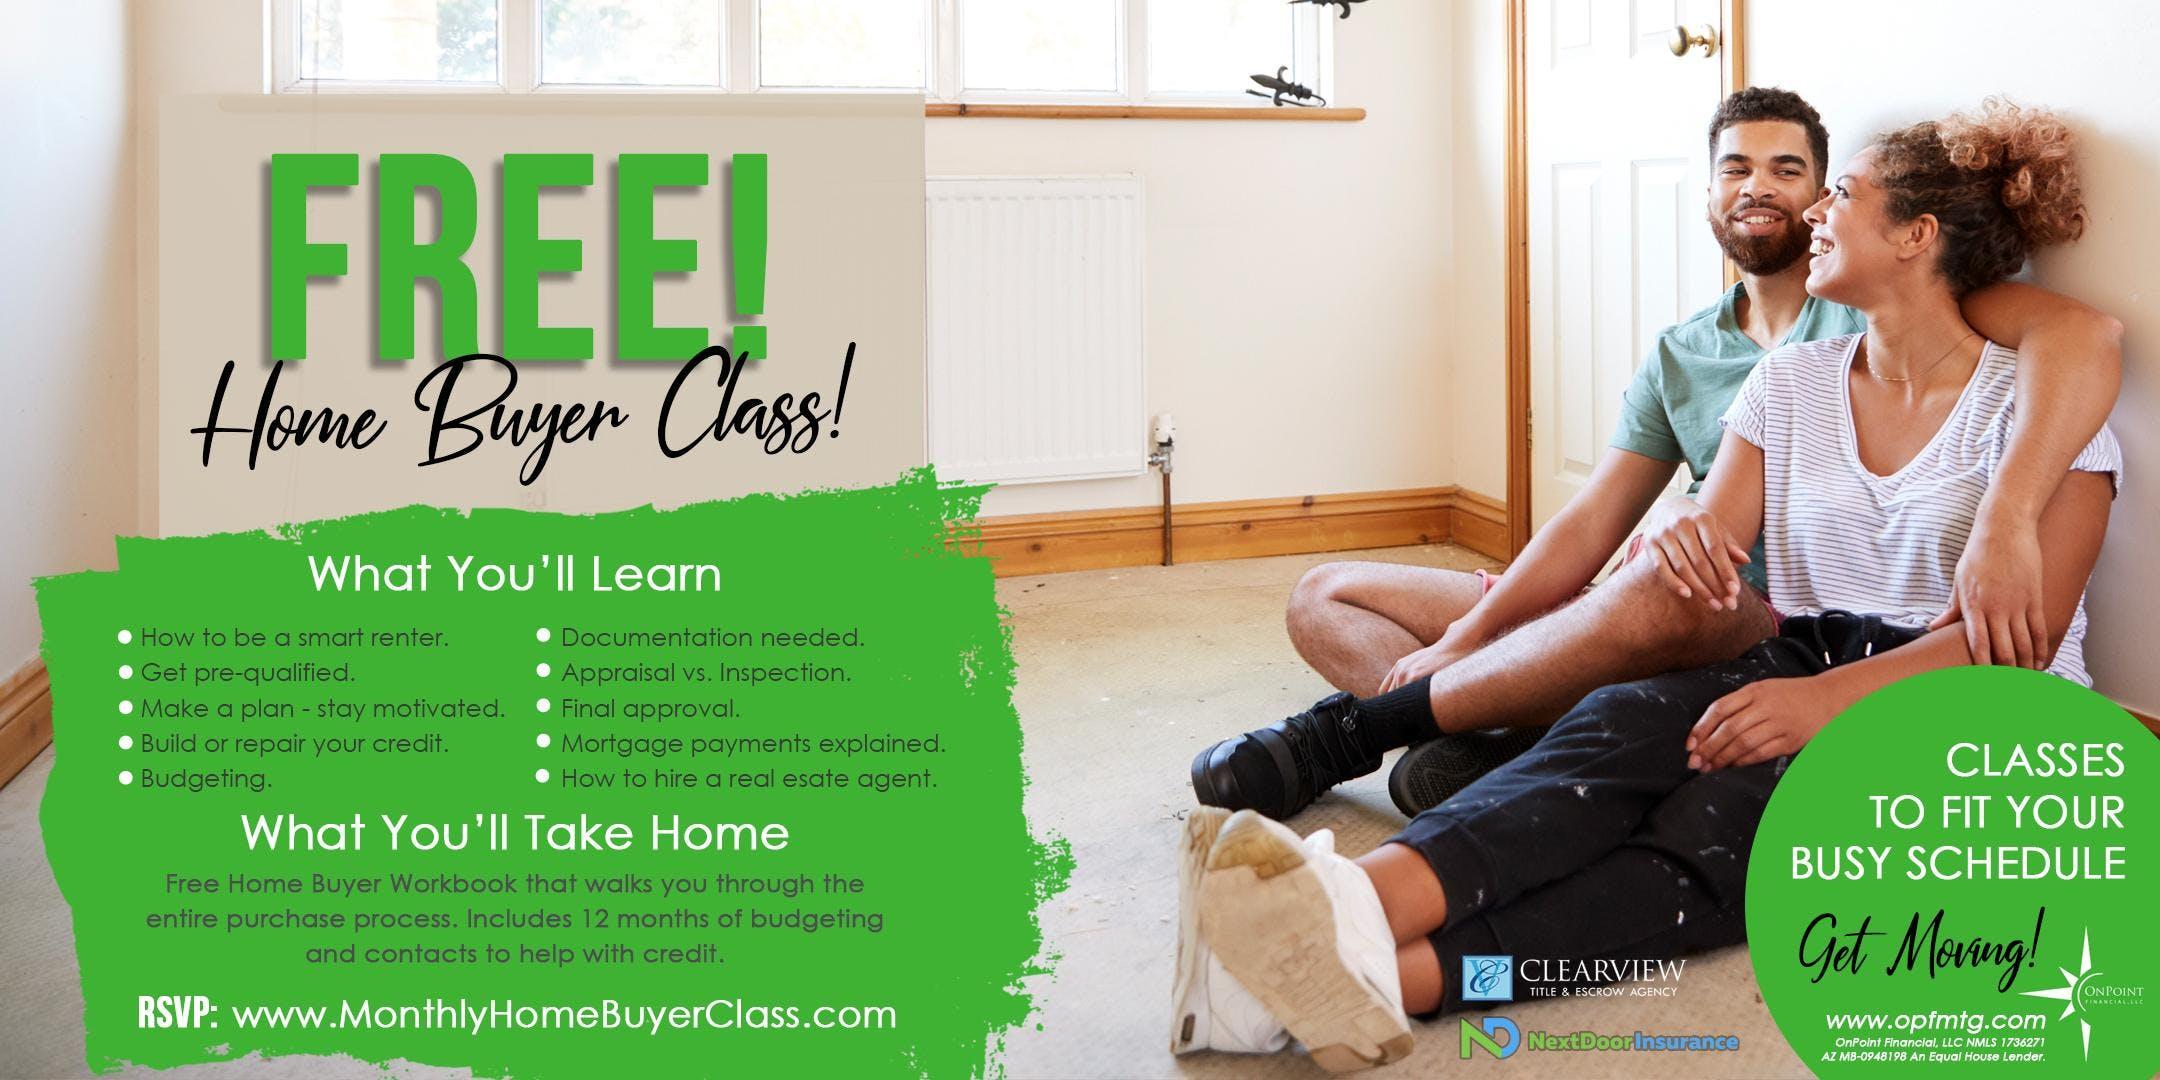 Free Home Buyer Class - Scott Modeer